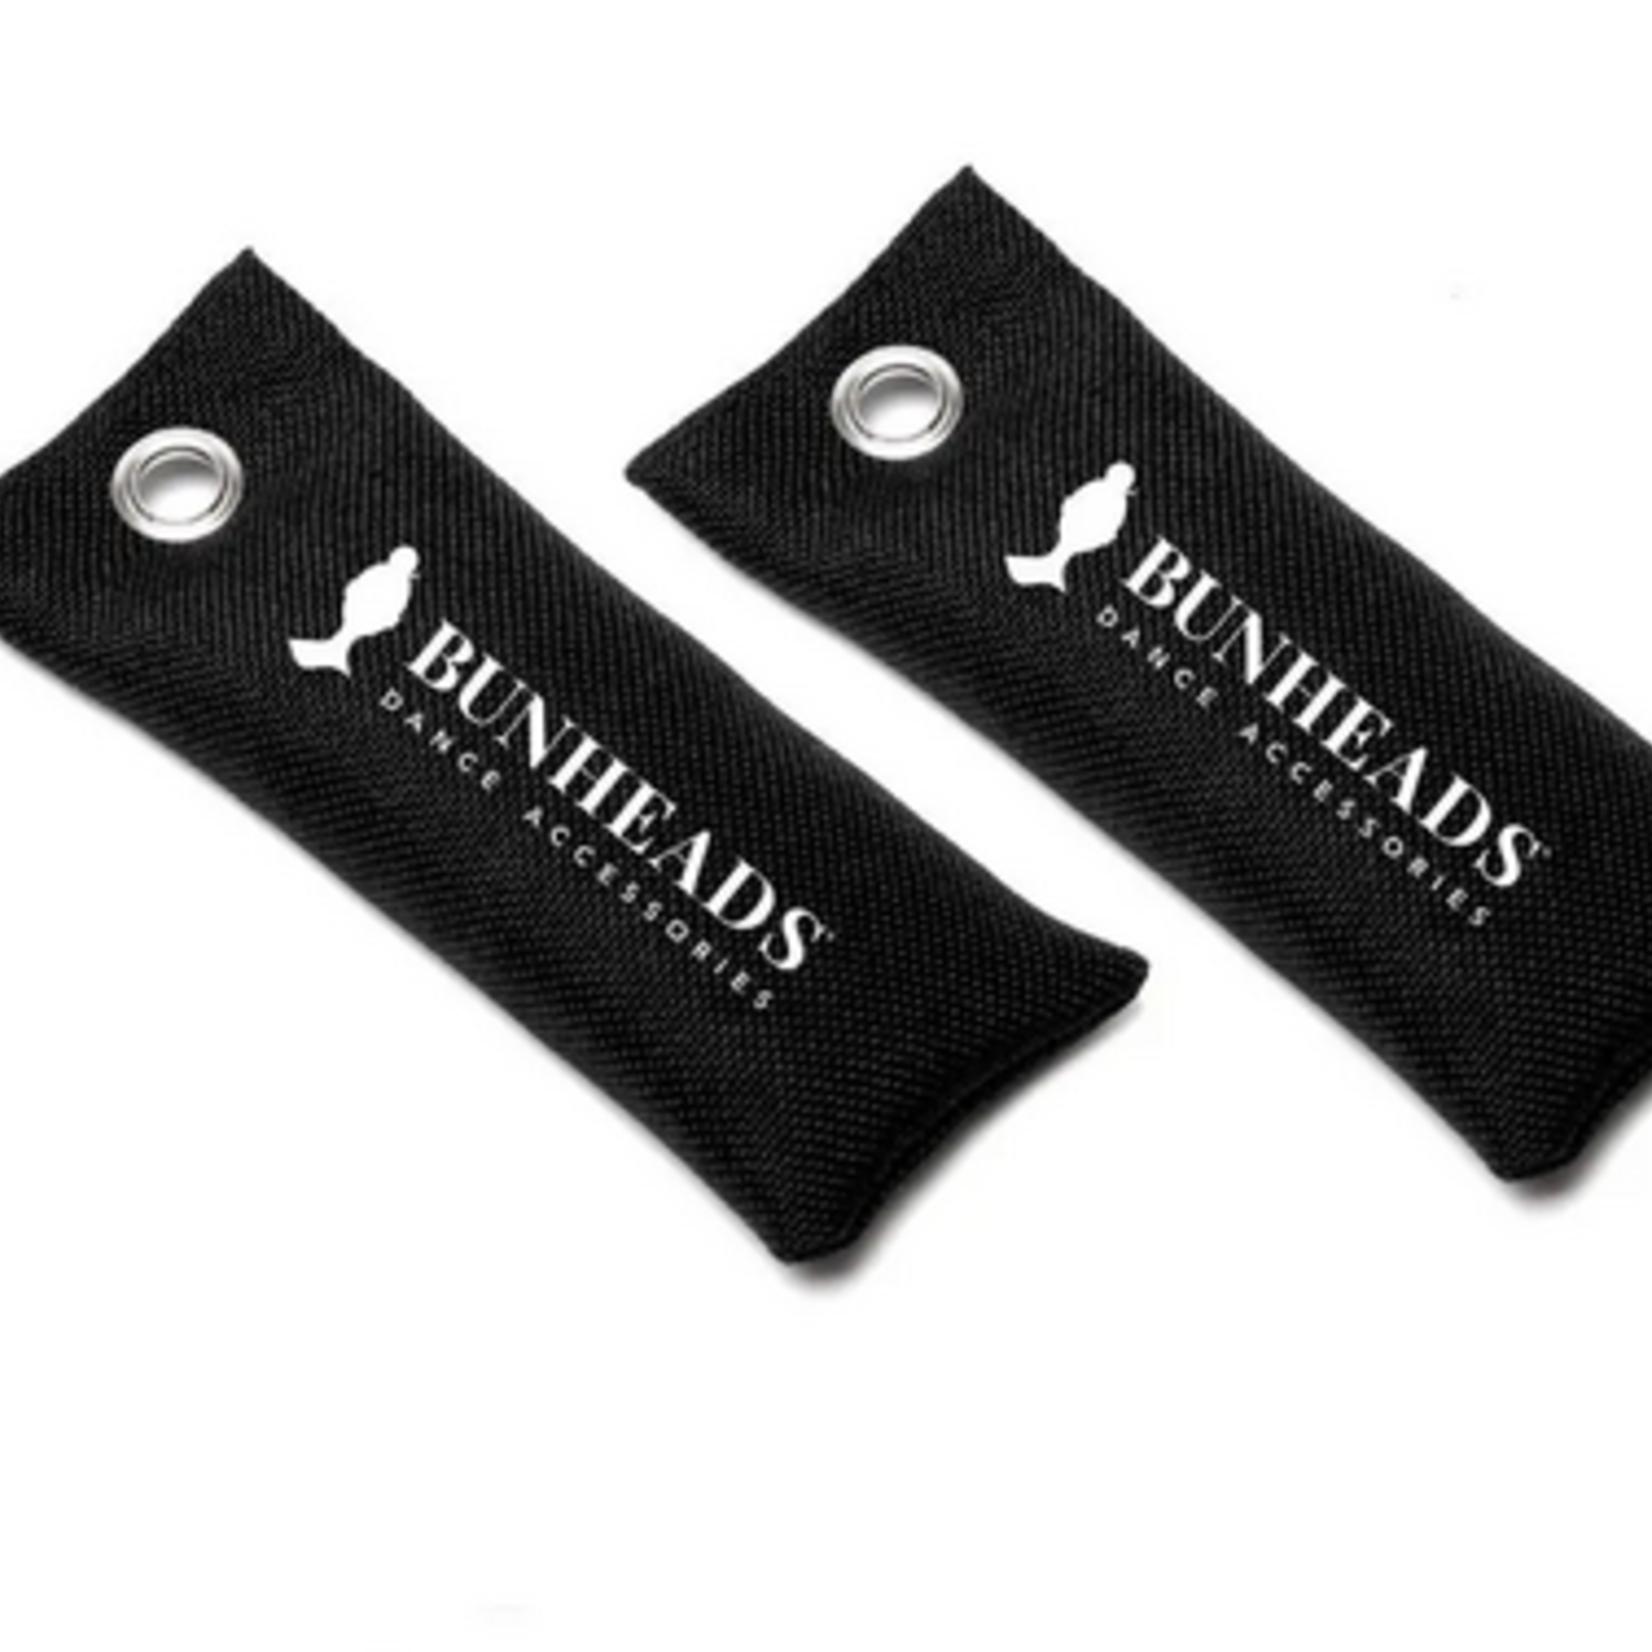 Bunheads Bunheads BH1527 Charcoal Bag